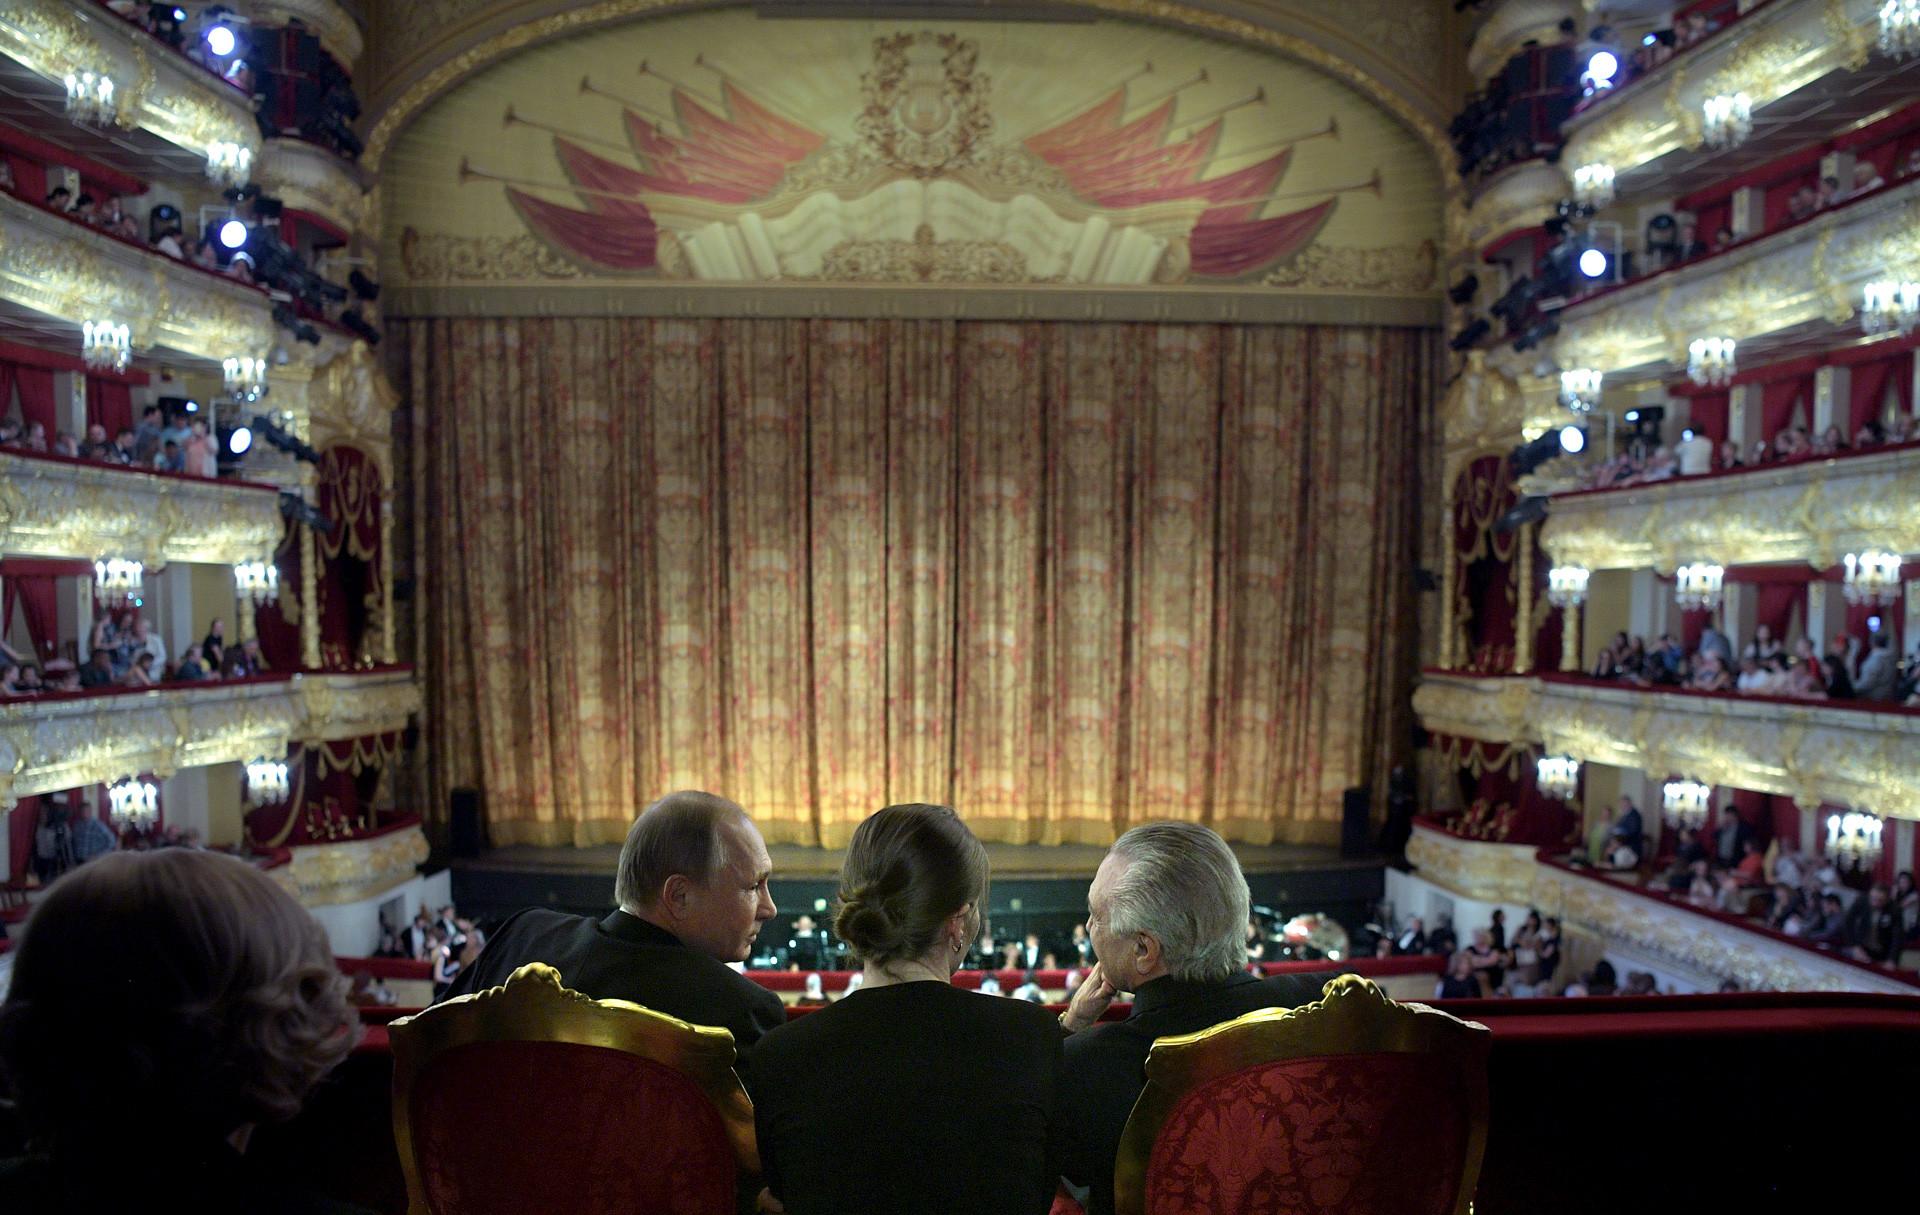 Vladimir Putin dan Presiden Brasil Michel Temer mengobrol saat menghadiri konser oleh para pemenang Kompetisi Balet Internasional XIII dan Kontes Koreografer di Teater Bolshoi, Moskow, 20 Juni 2017.